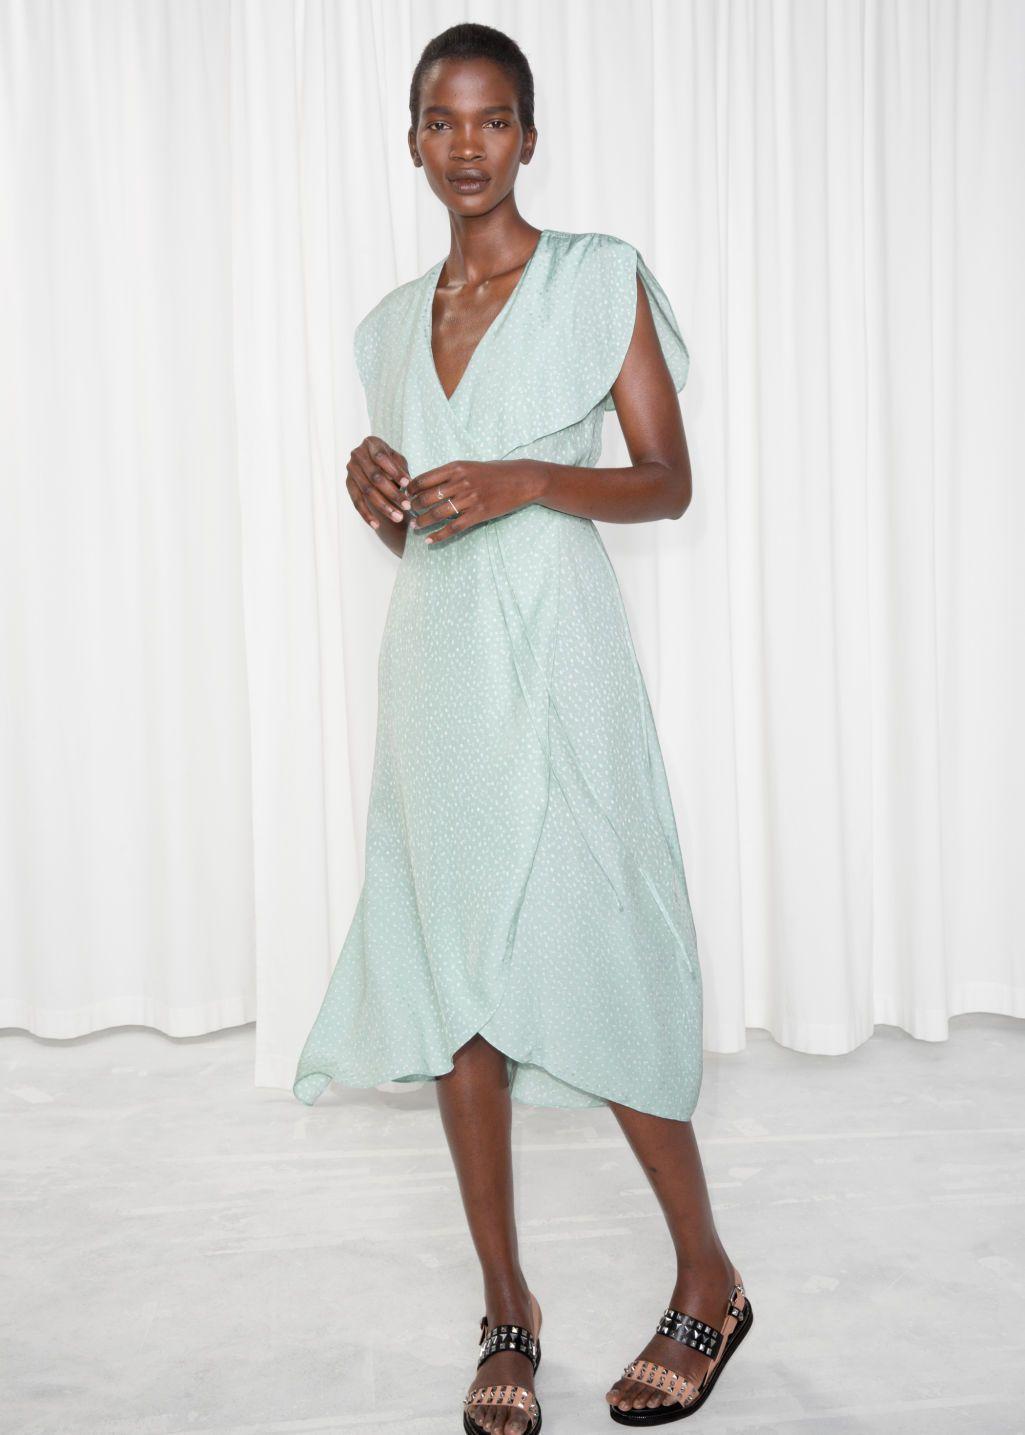 08d7d250ed8 Other Stories - Oversized Lapel Wrap Dress - Mint